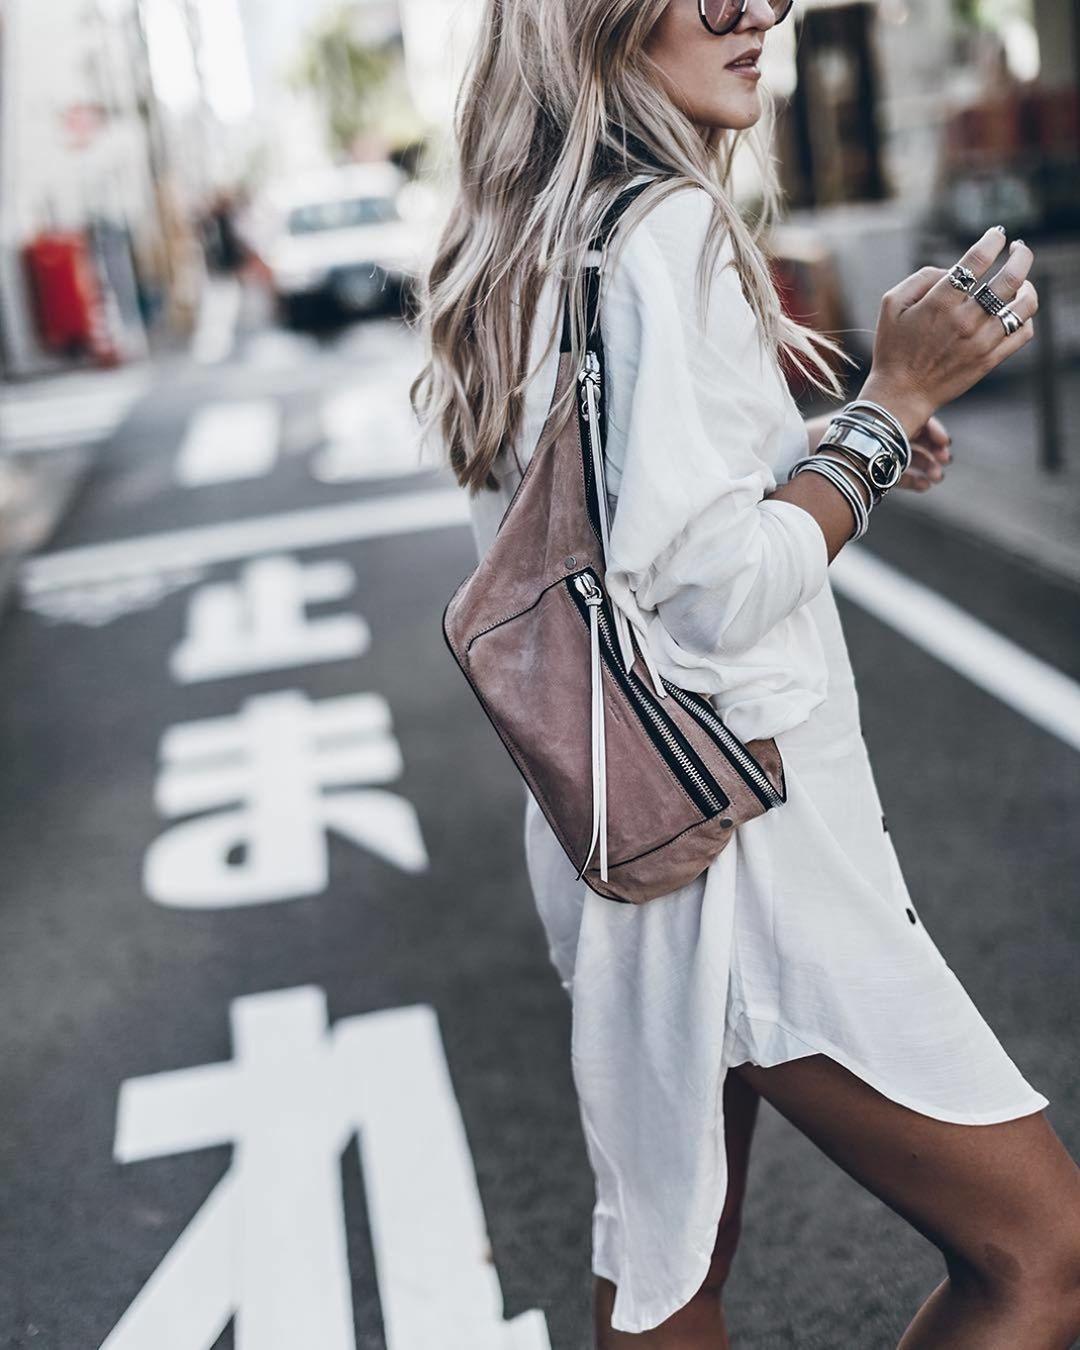 Это непросто миниатюр6ный рюкзачок, который так удобно носить заплечами, а новая интересная модель сумки. Поформе она напоминает спортивную поясную сумку, но носится черезплечо. Новая...